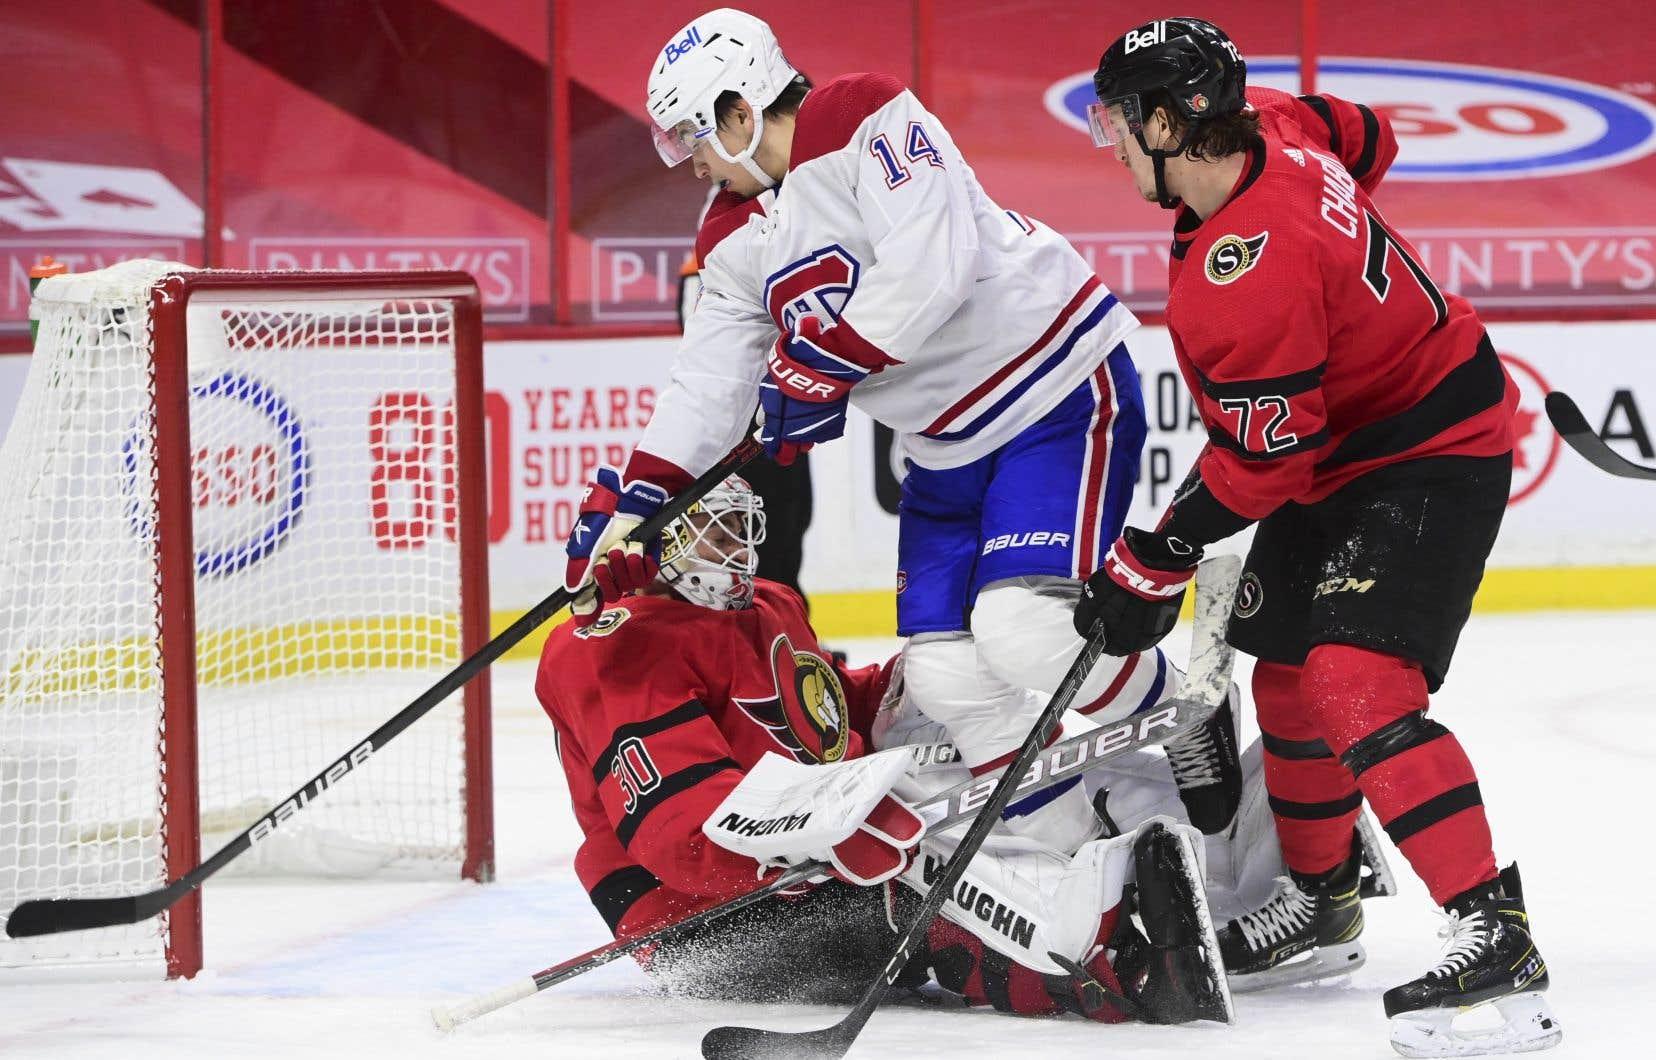 Le Canadien a dû travailler d'arrache-pied pour se venger des Sénateurs, samedi à Ottawa, avec une victoire de 2-1.